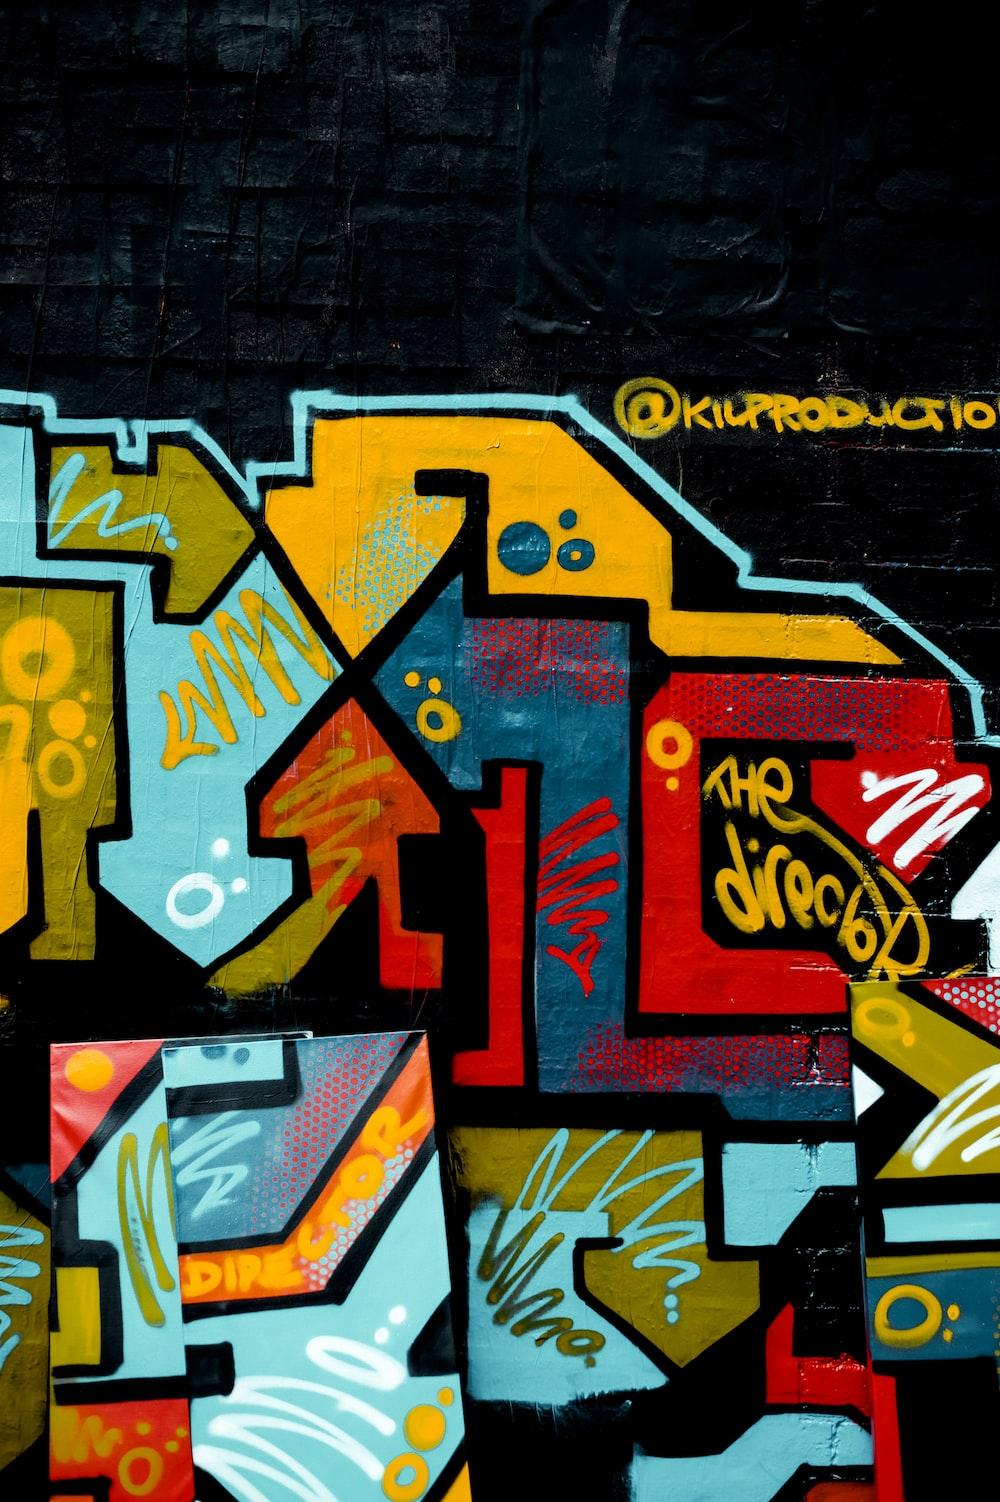 abstract graffiti painting